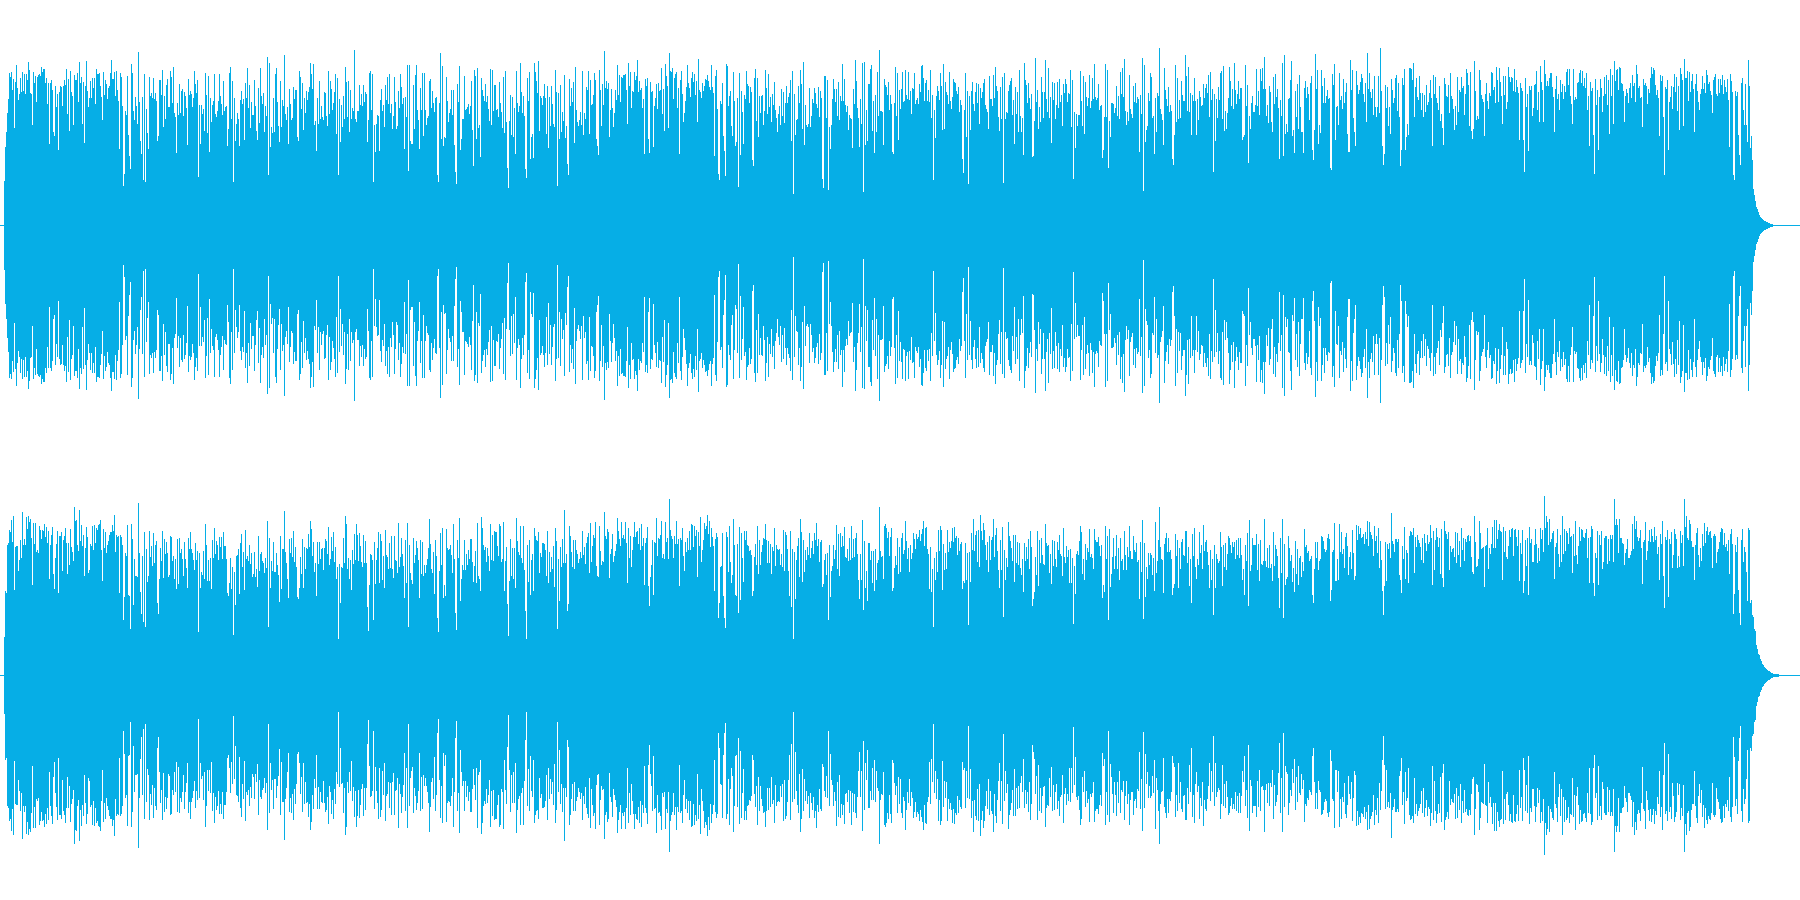 疾走感のある和やかなメロディーの再生済みの波形